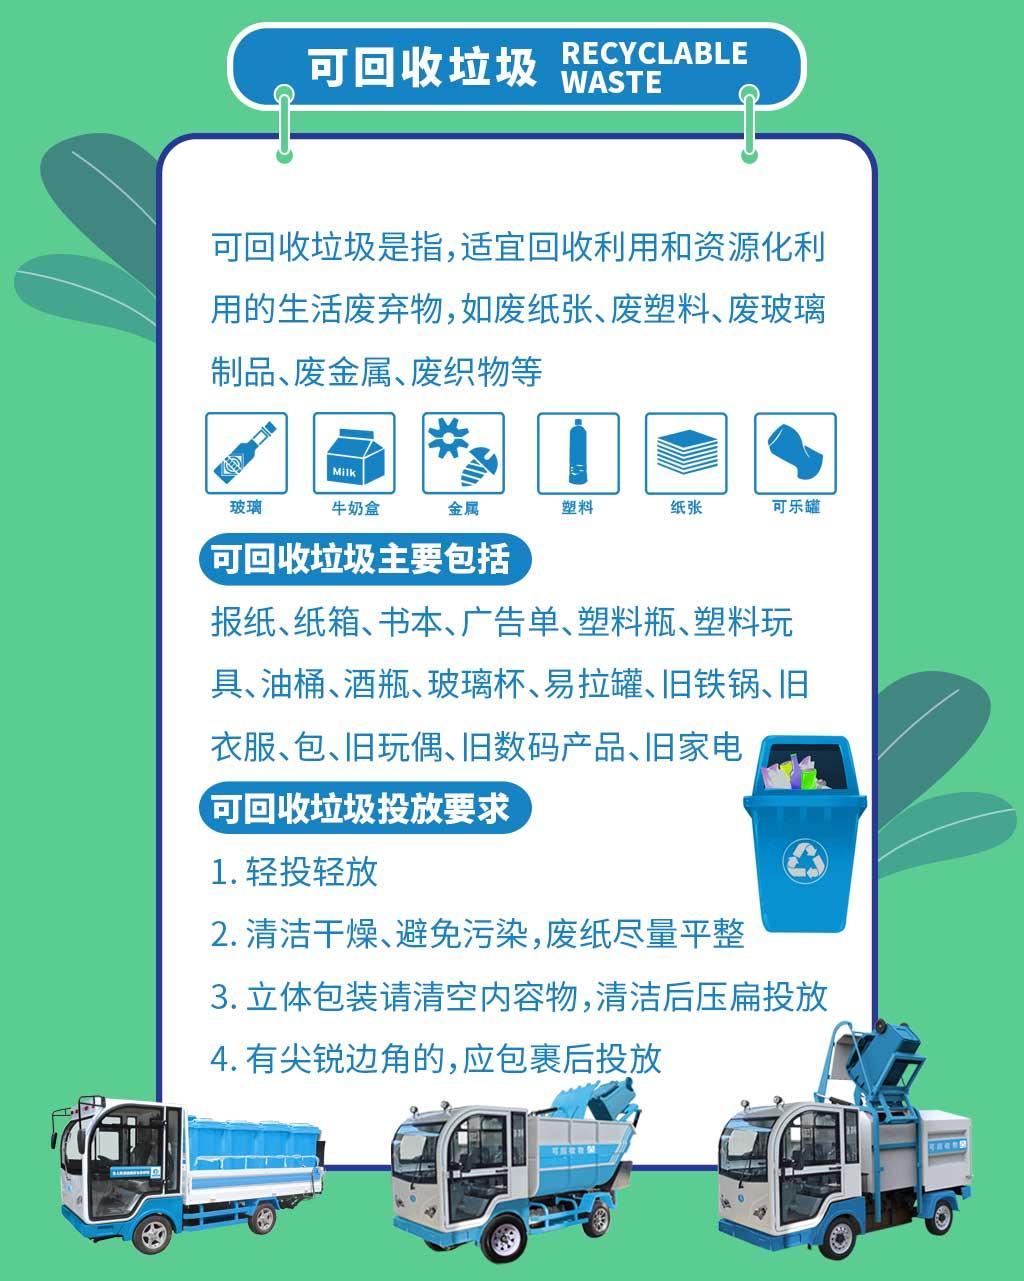 地摊垃圾分类清运车 地摊可回收垃圾运输车